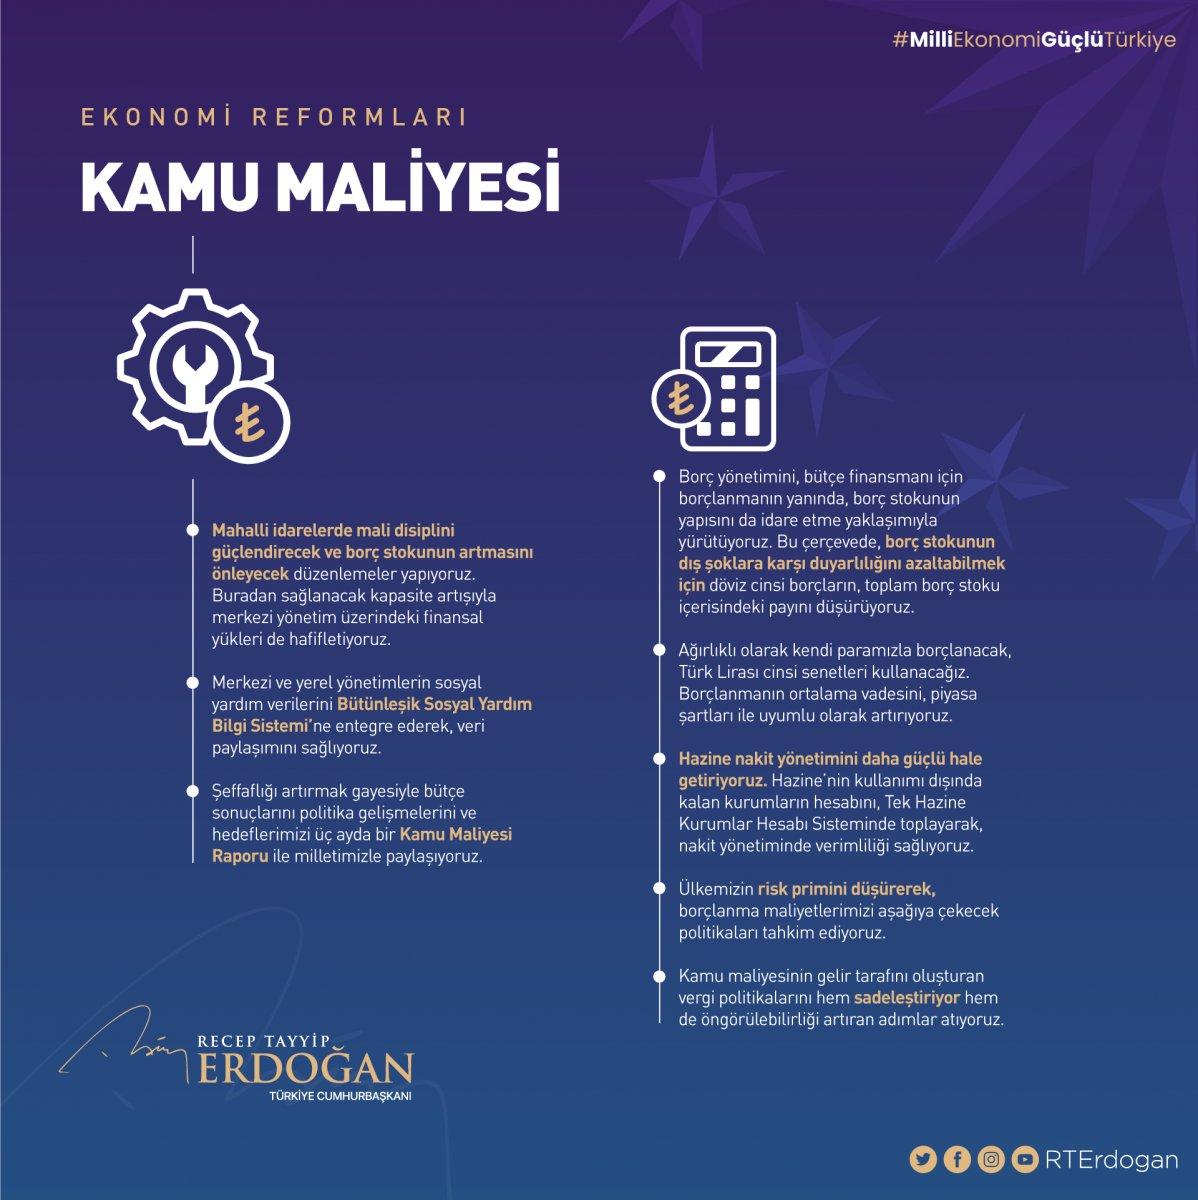 Cumhurbaşkanı Erdoğan ın açıkladığı ekonomi reformu paketi #16